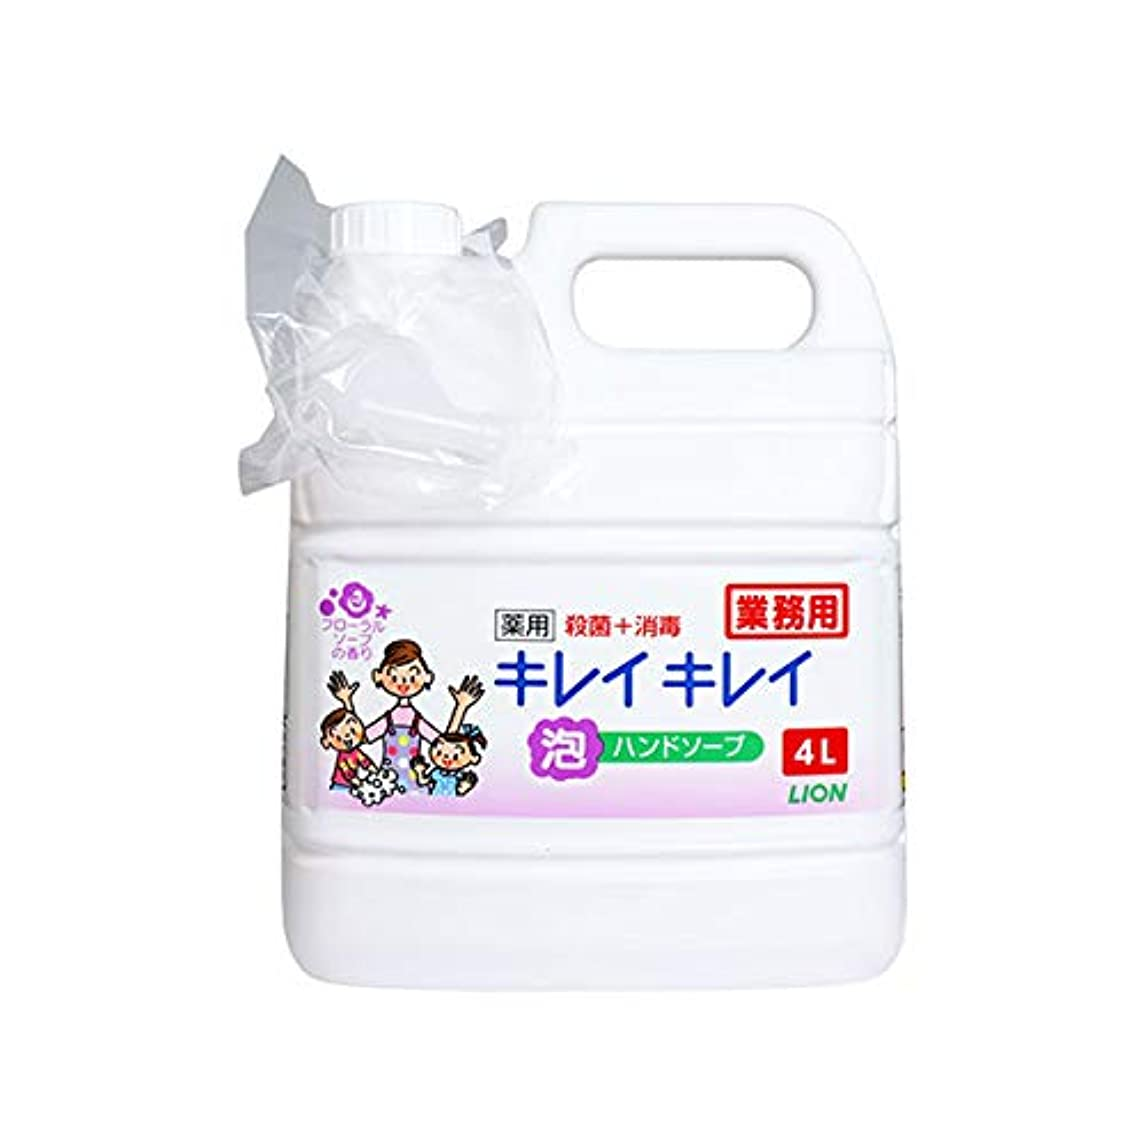 首相伝導率スチュワード業務用 手洗い用石鹸 キレイキレイ 薬用 泡ハンドソープ フローラルソープの香り 4LX3本 ライオン